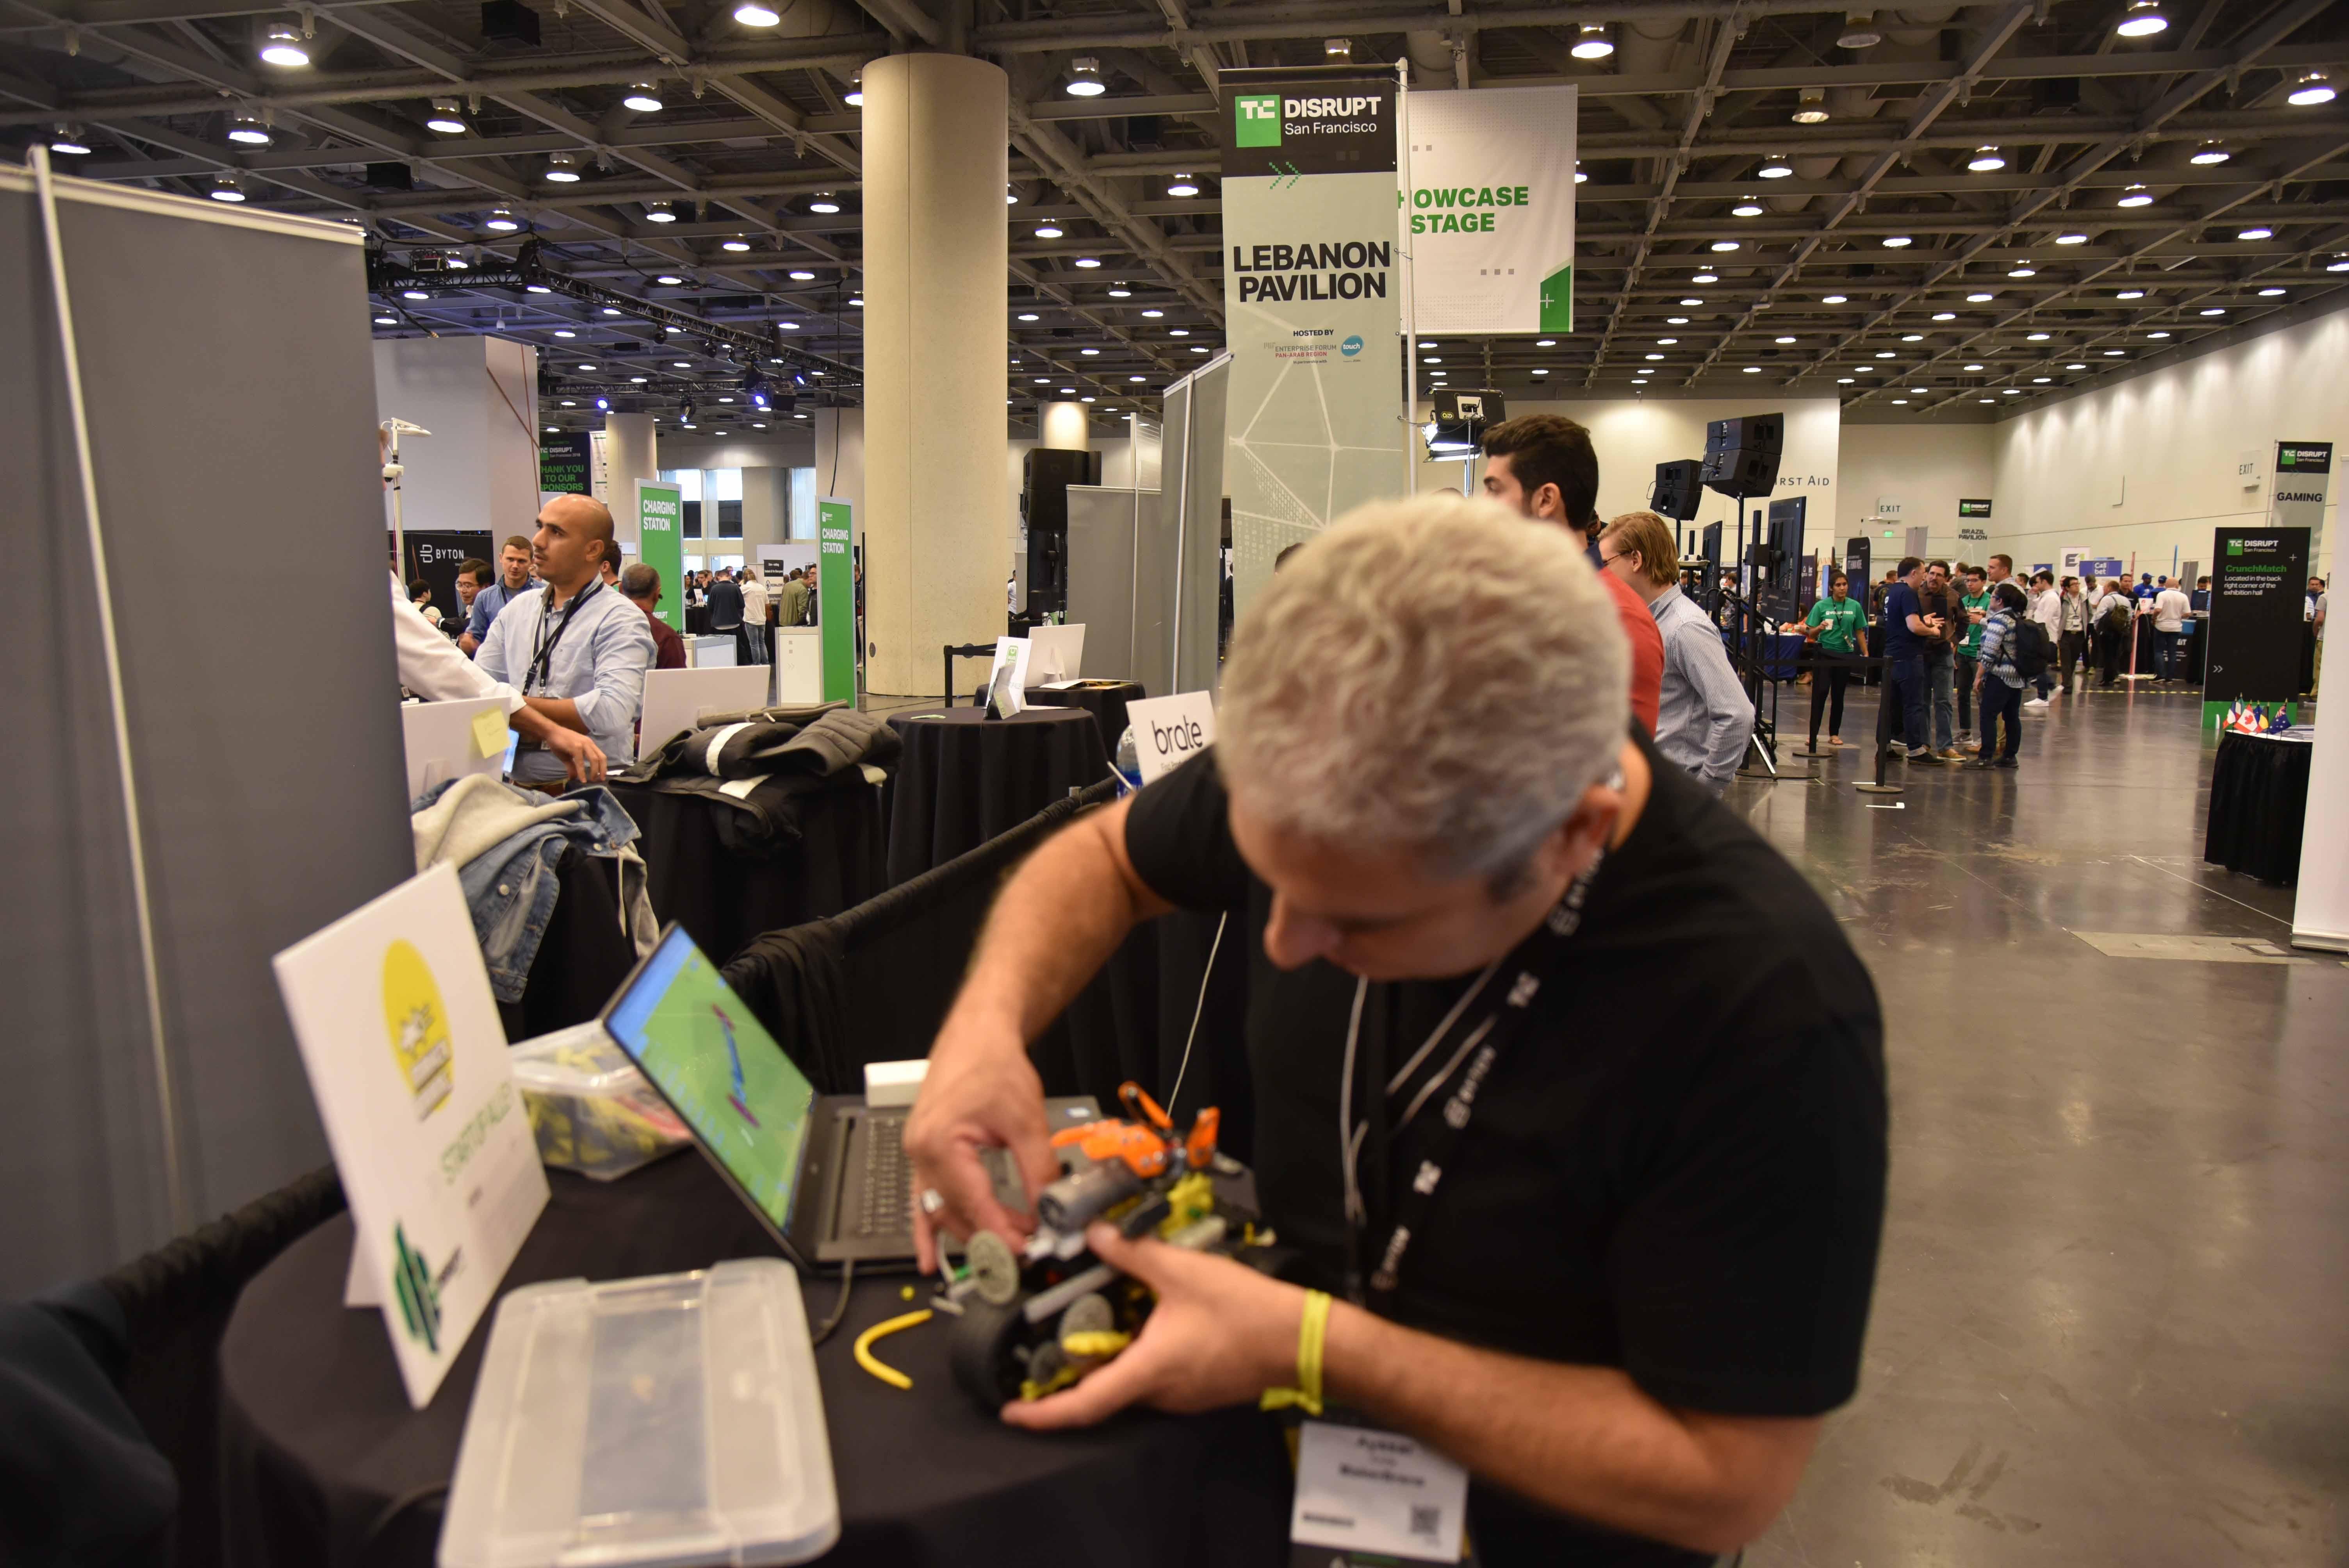 """قيصر عريضة من """"ميكر برين"""" MakerBrane يعرض منتجه في """"تك كرانش تيسربت"""""""